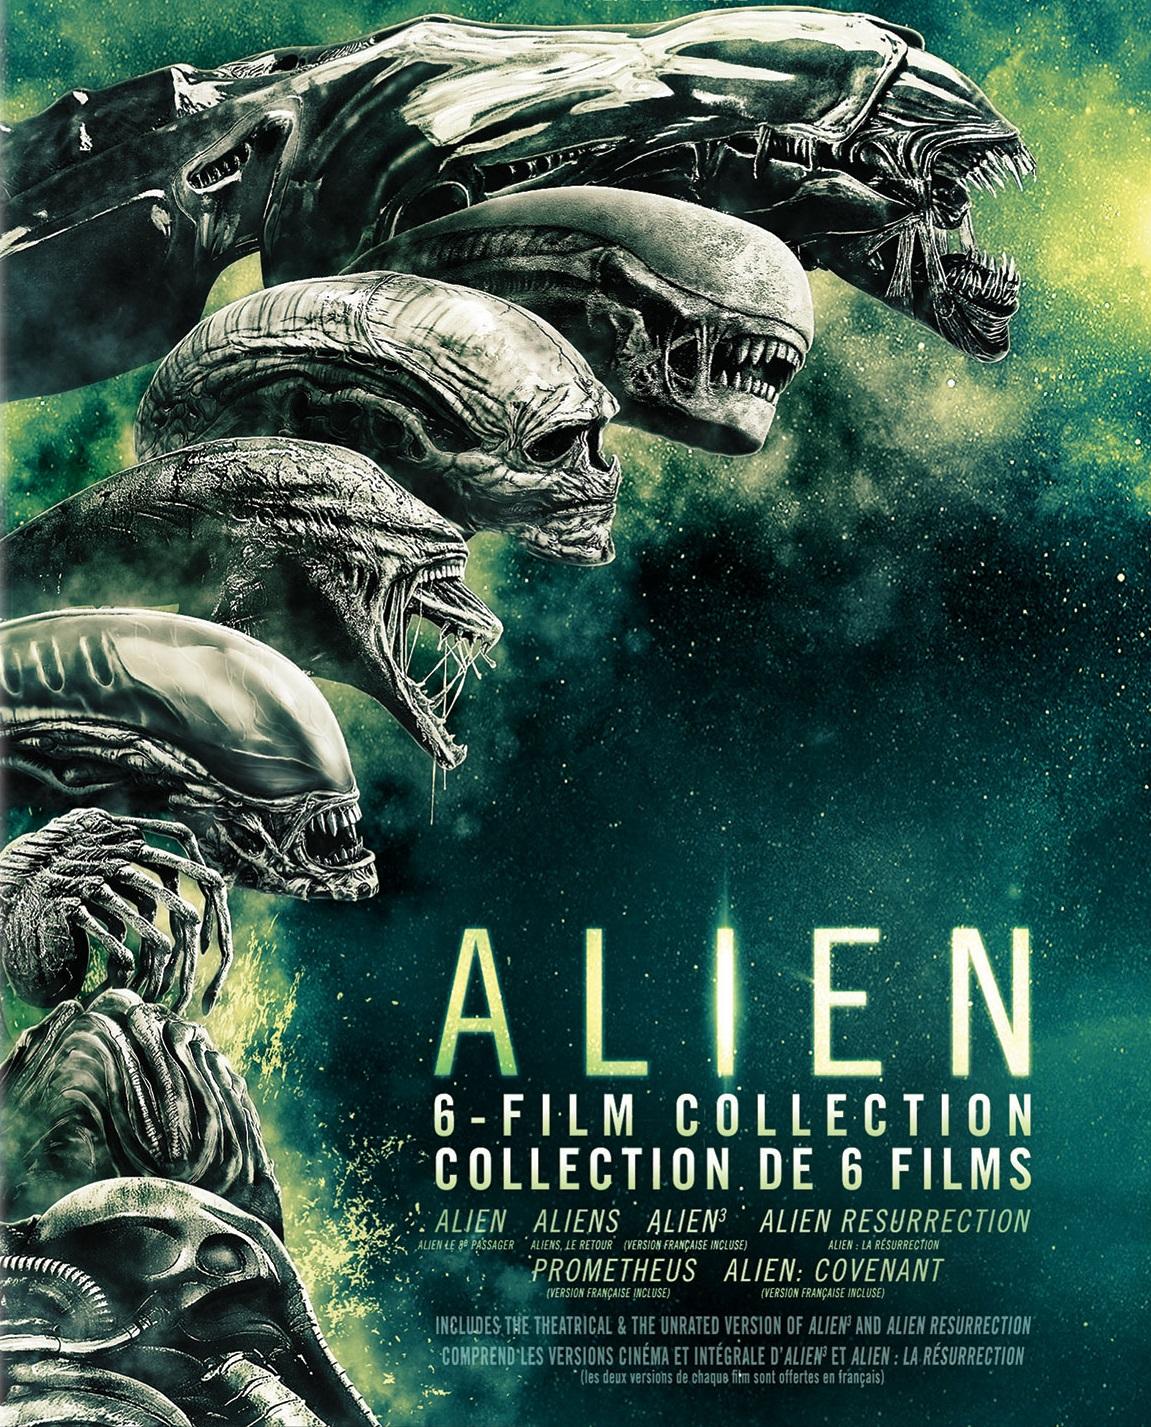 Alien 6-Film Collection [6 Disc Set]